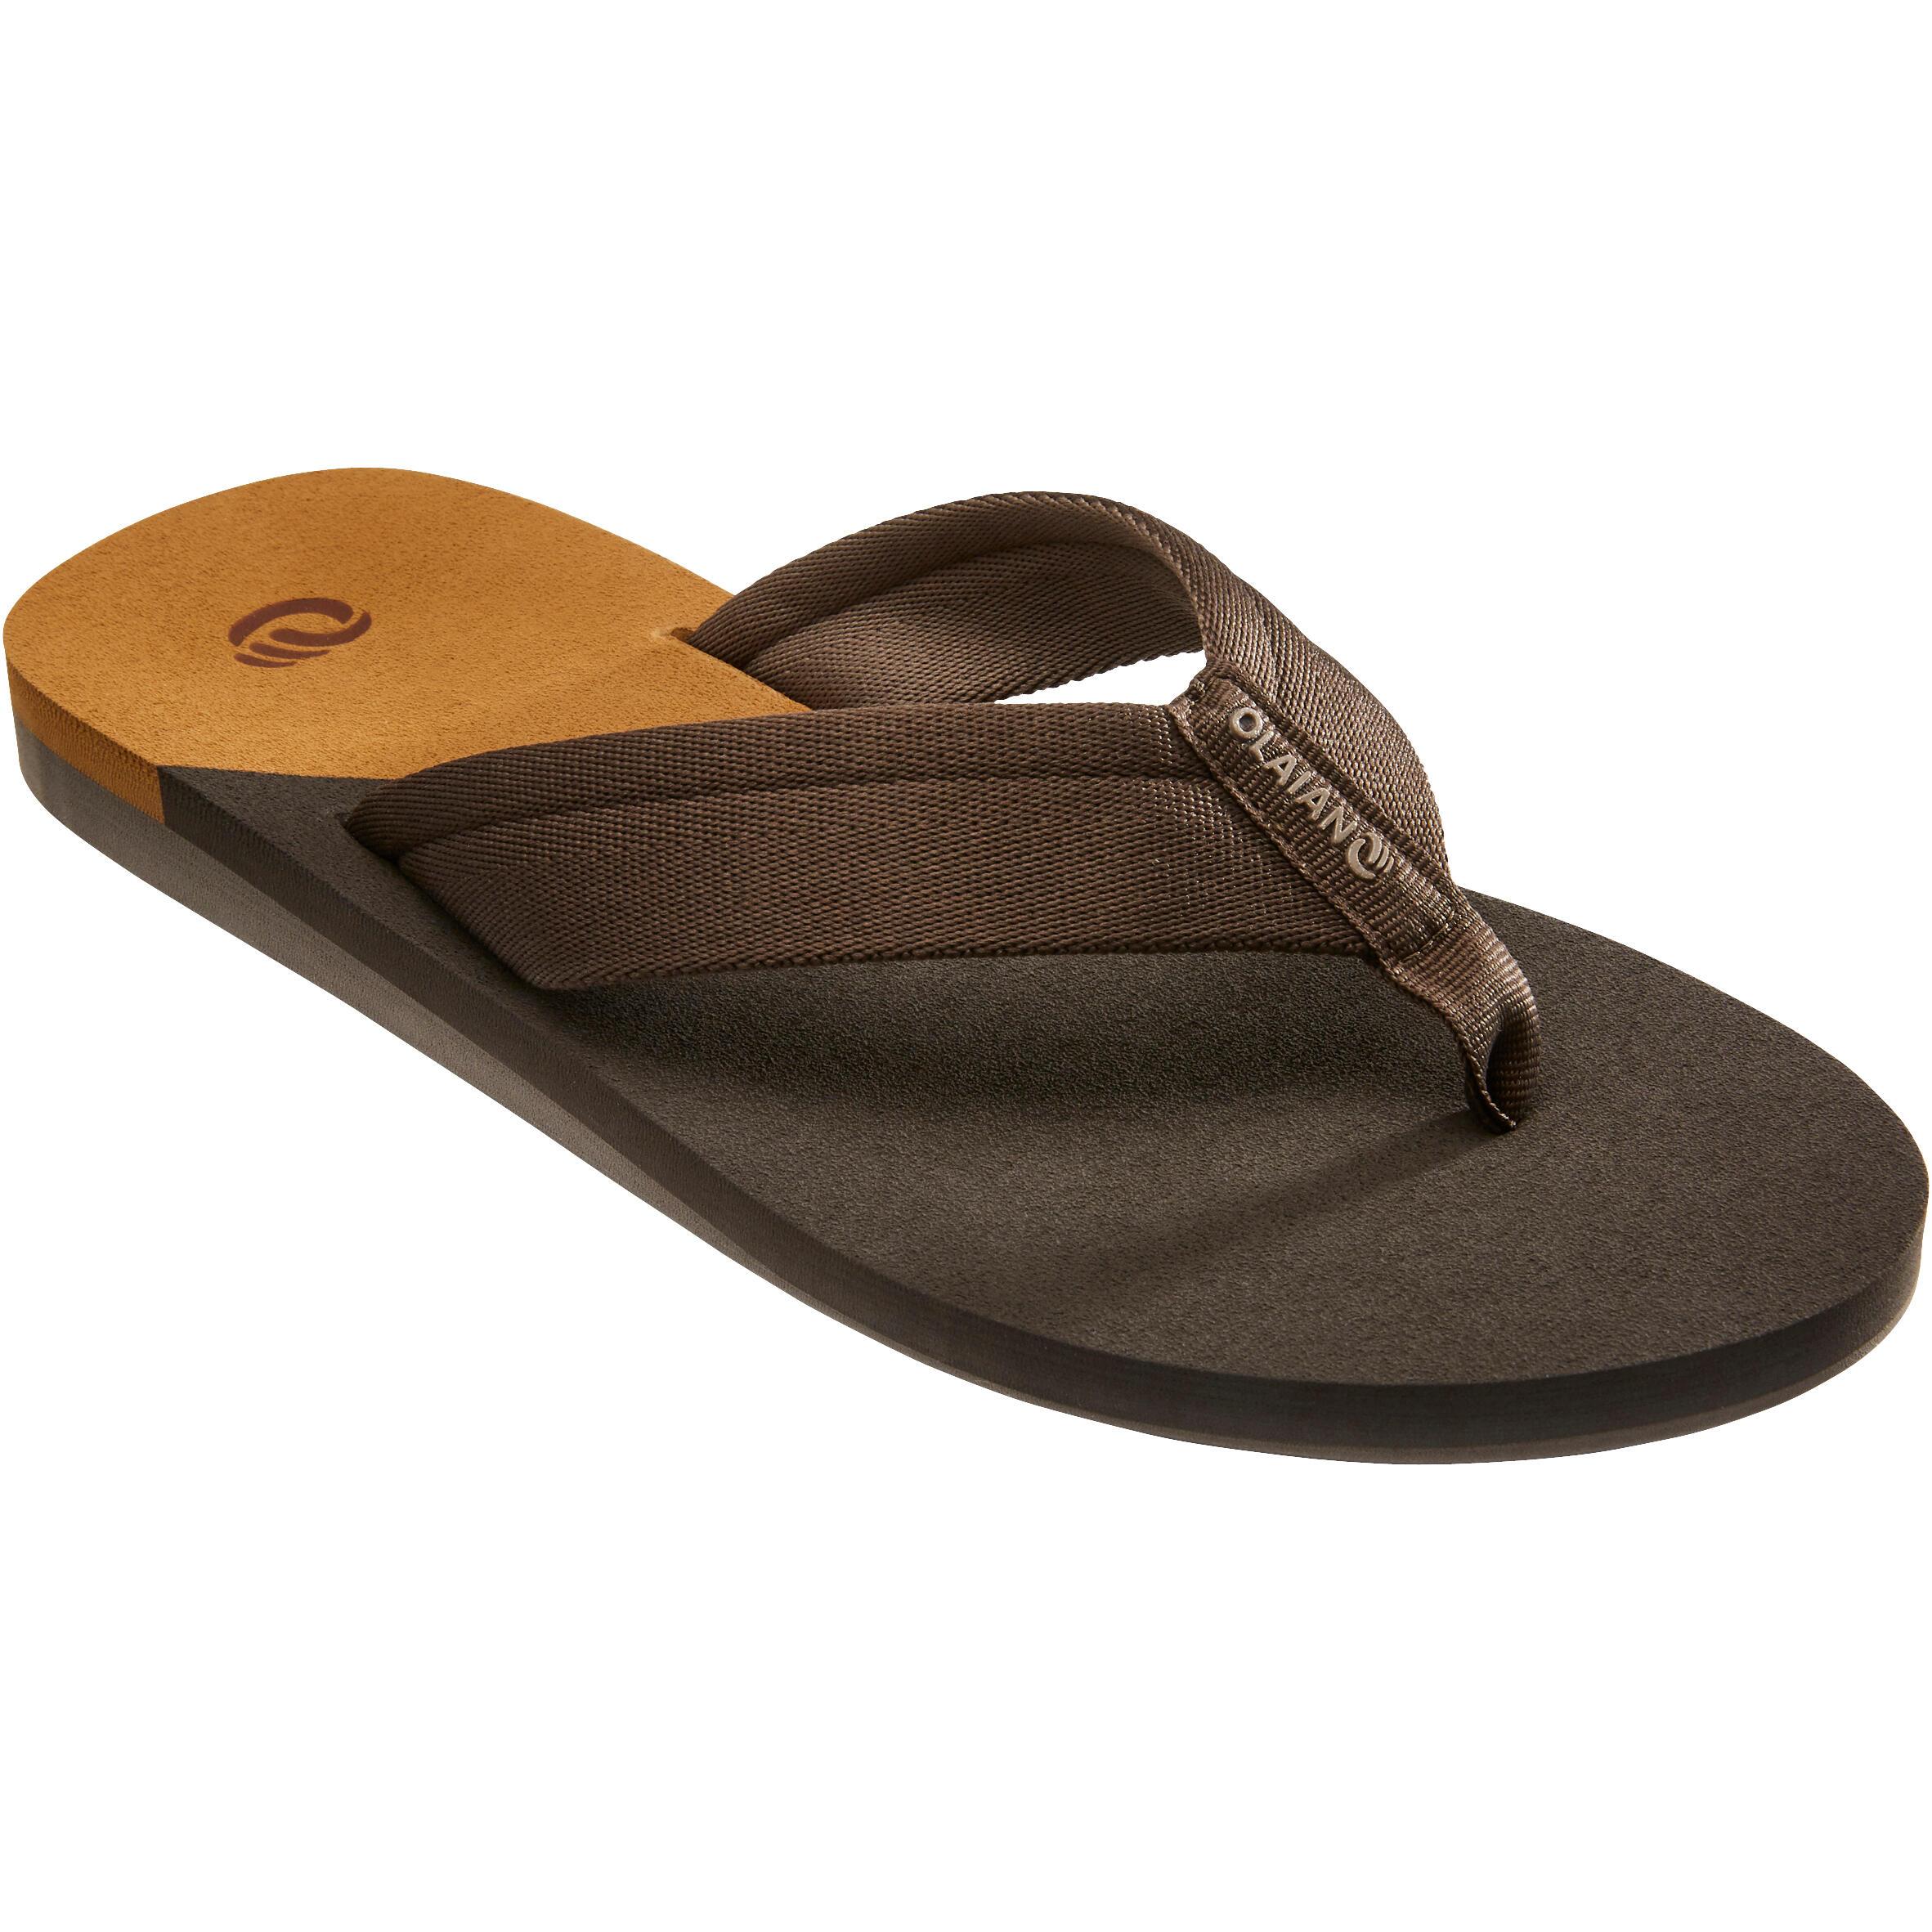 TO 550 M Men's Flip-Flops - Brown